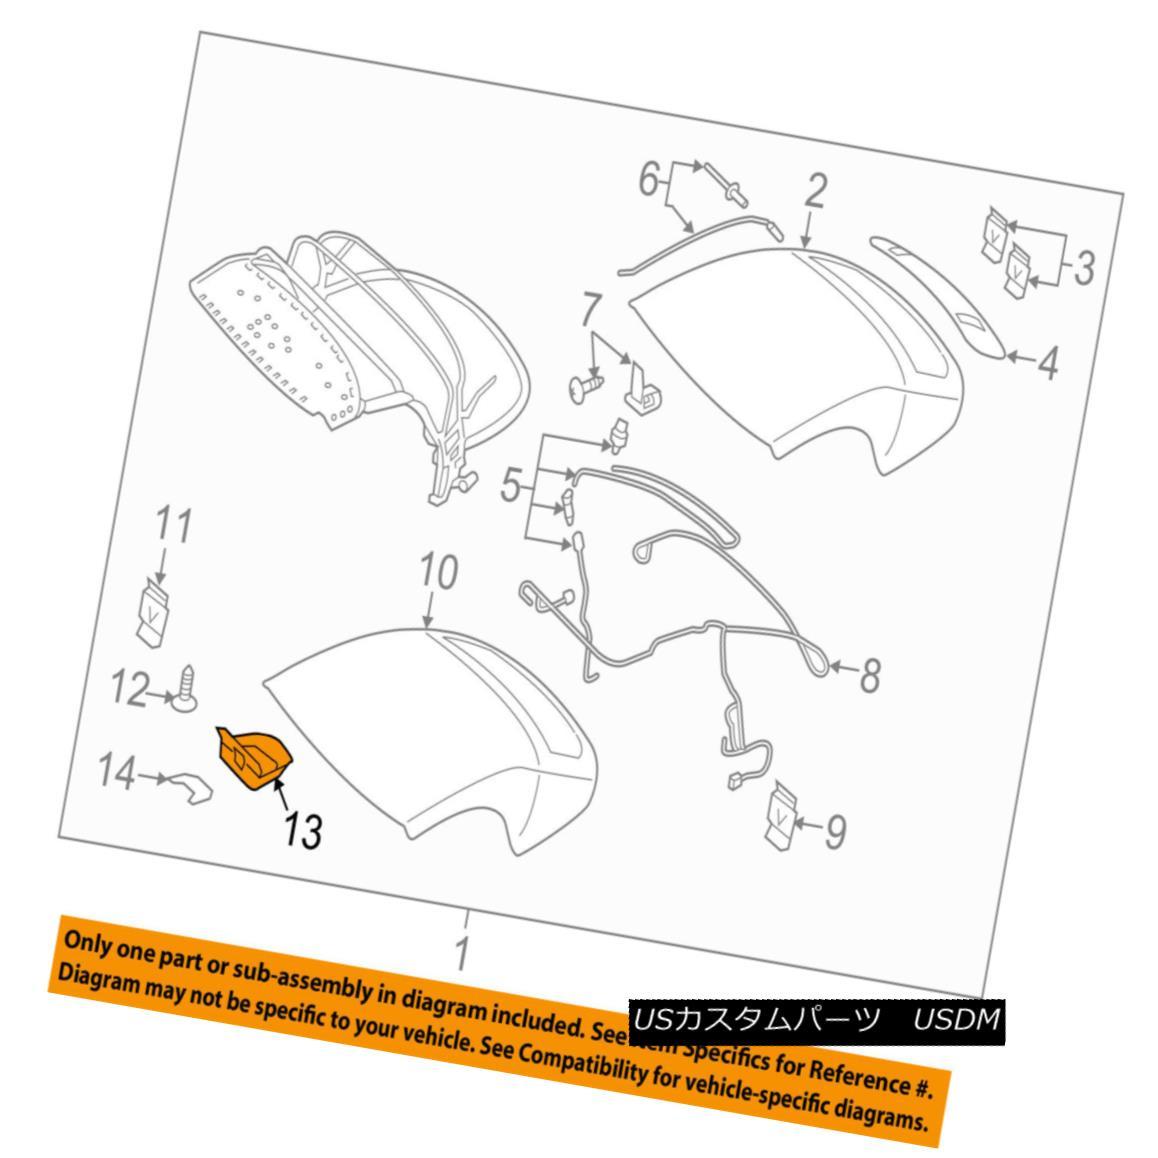 幌・ソフトトップ AUDI OEM 16-17 TT Quattro Convertible/soft Top-Support 8S7871277 AUDI OEM 16-17 TT Quattro Convertible / so ftトップサポート8S7871277